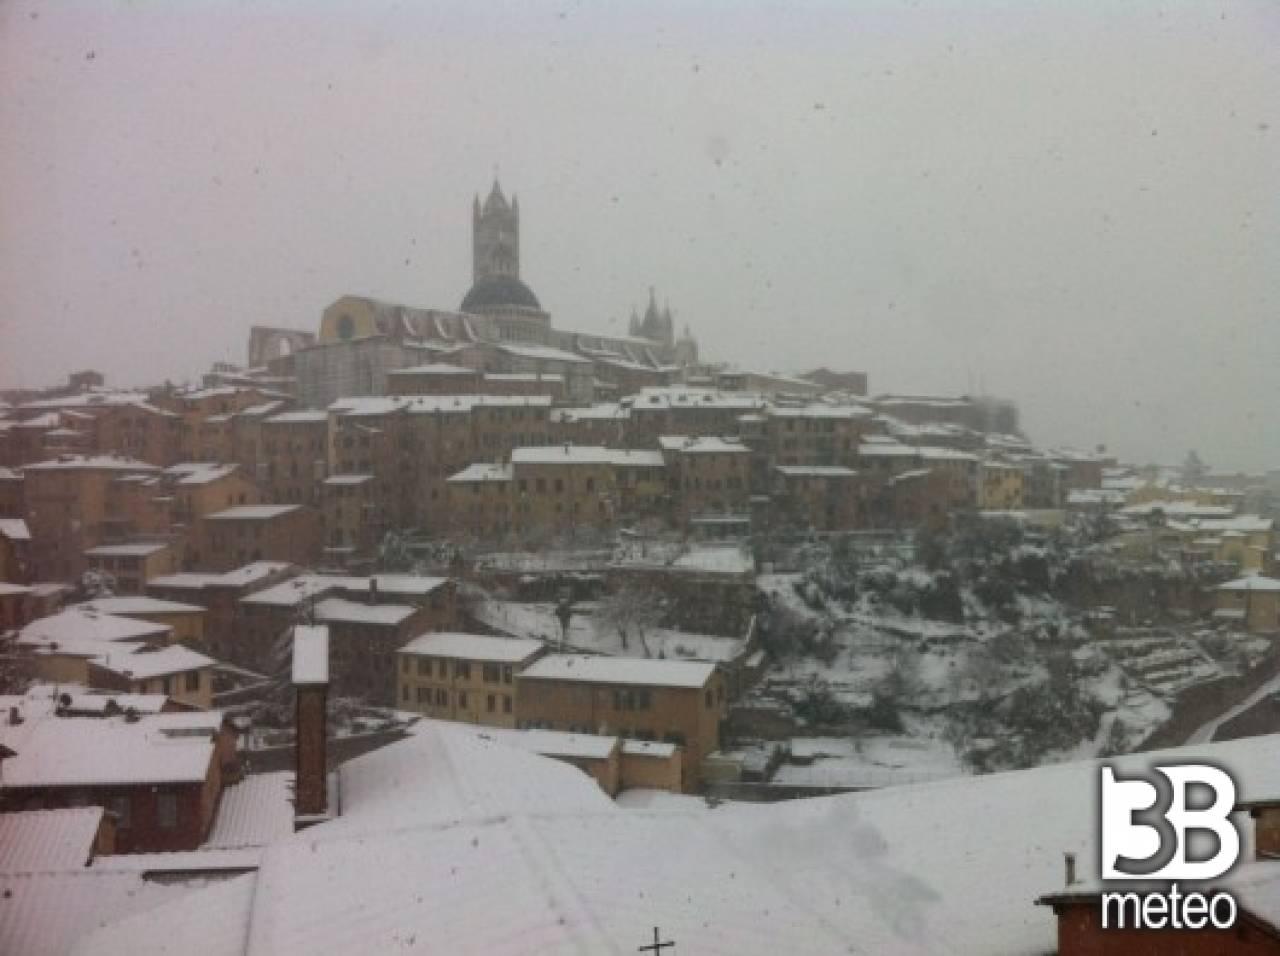 Meteo siena rovesci di neve gioved poi maltempo con pioggia 3b meteo - 3b meteo bagno di romagna ...